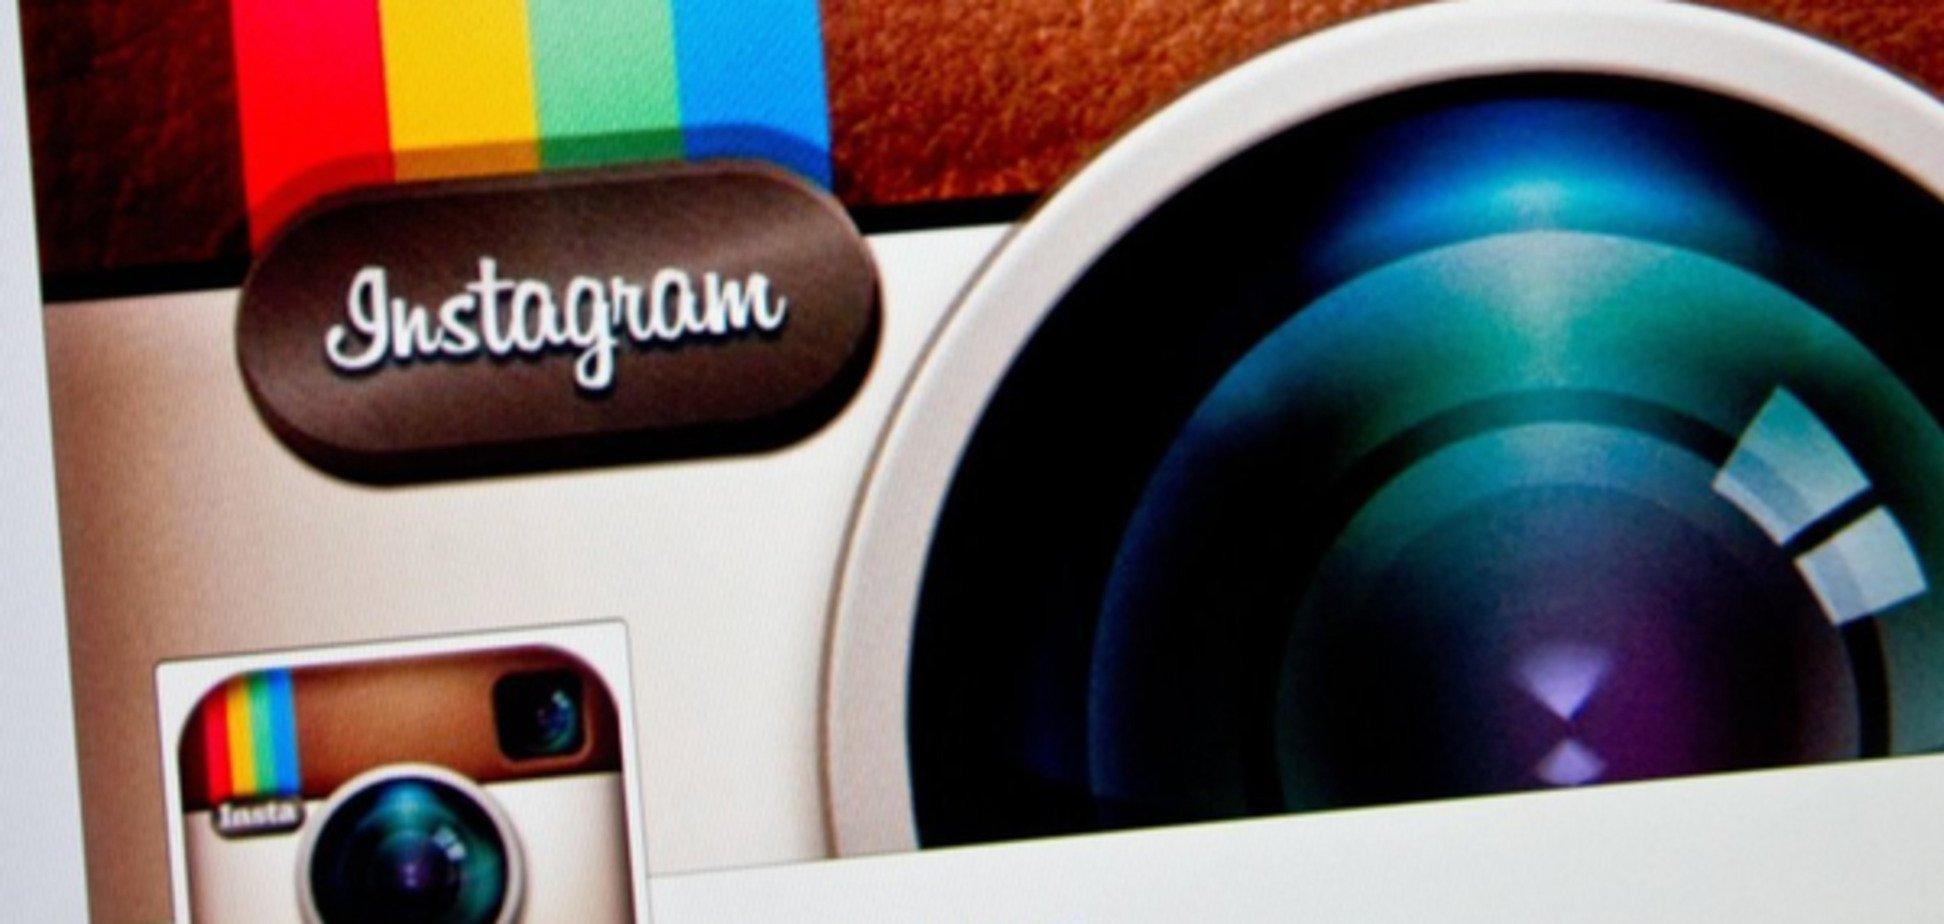 І тут Москва: Instagram показав найпопулярніші фото і назвав хештеги